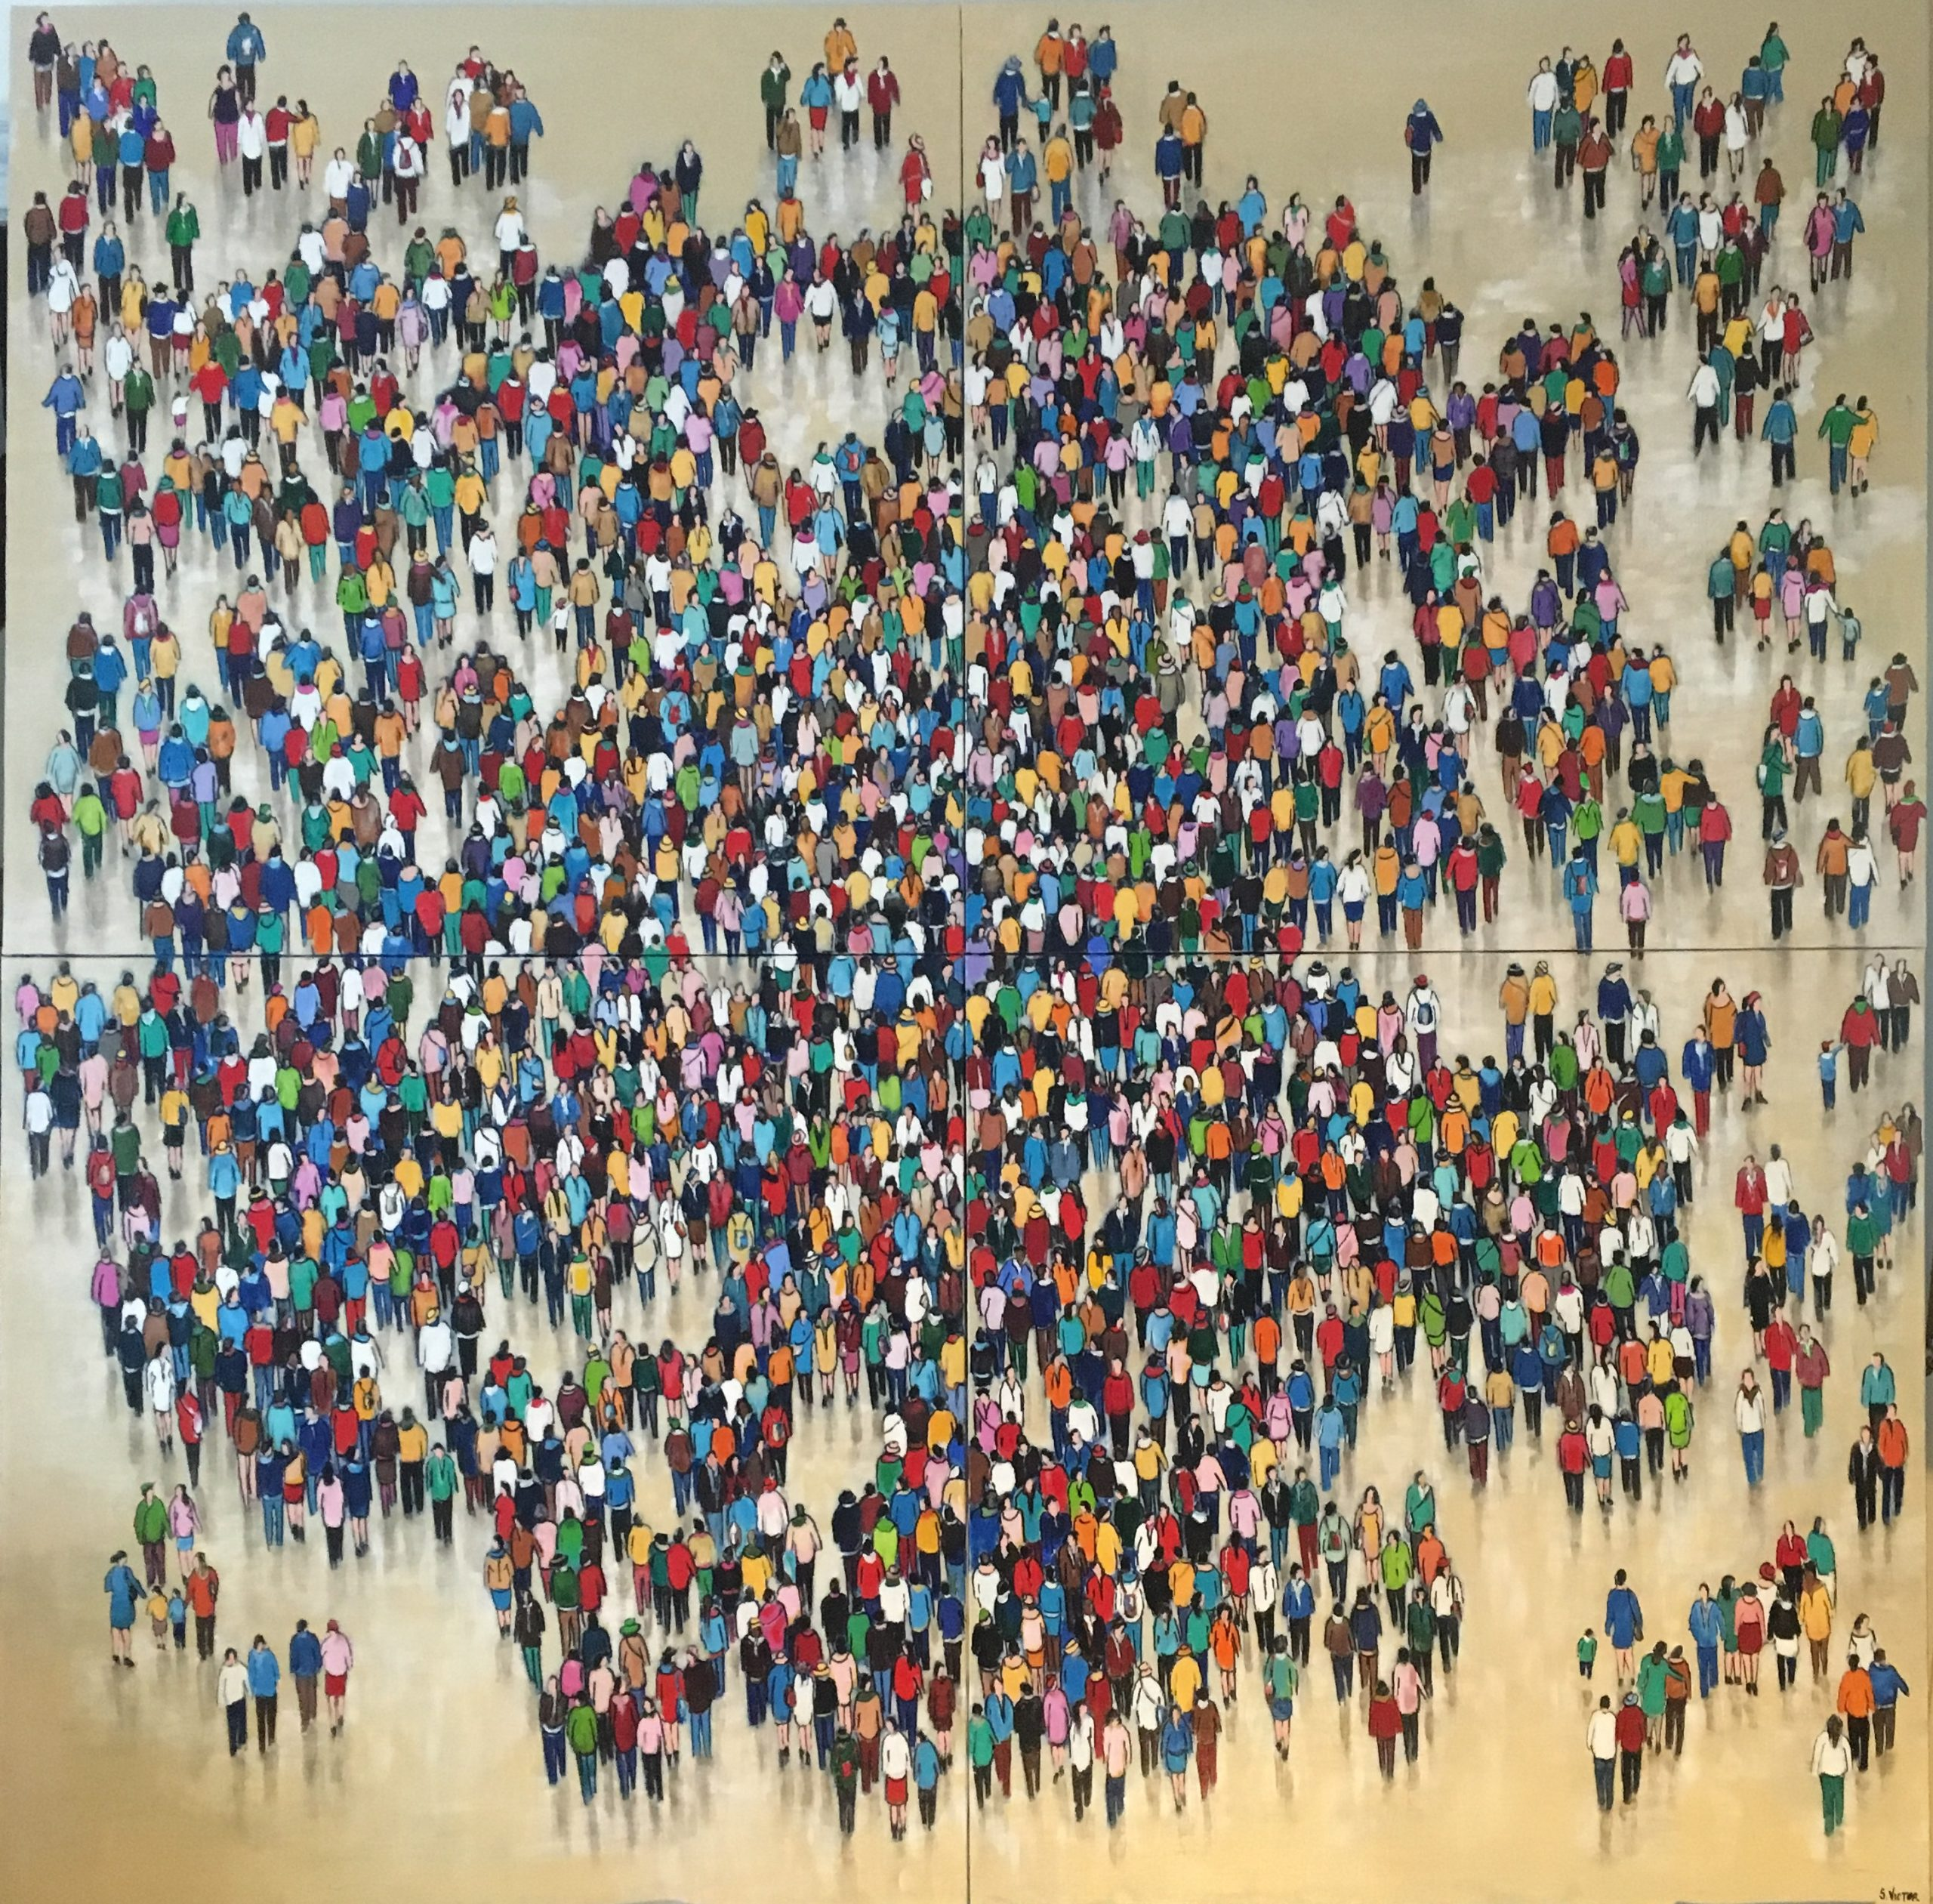 Le monde d'avant - Acrylique sur toile - 200cm x 200cm